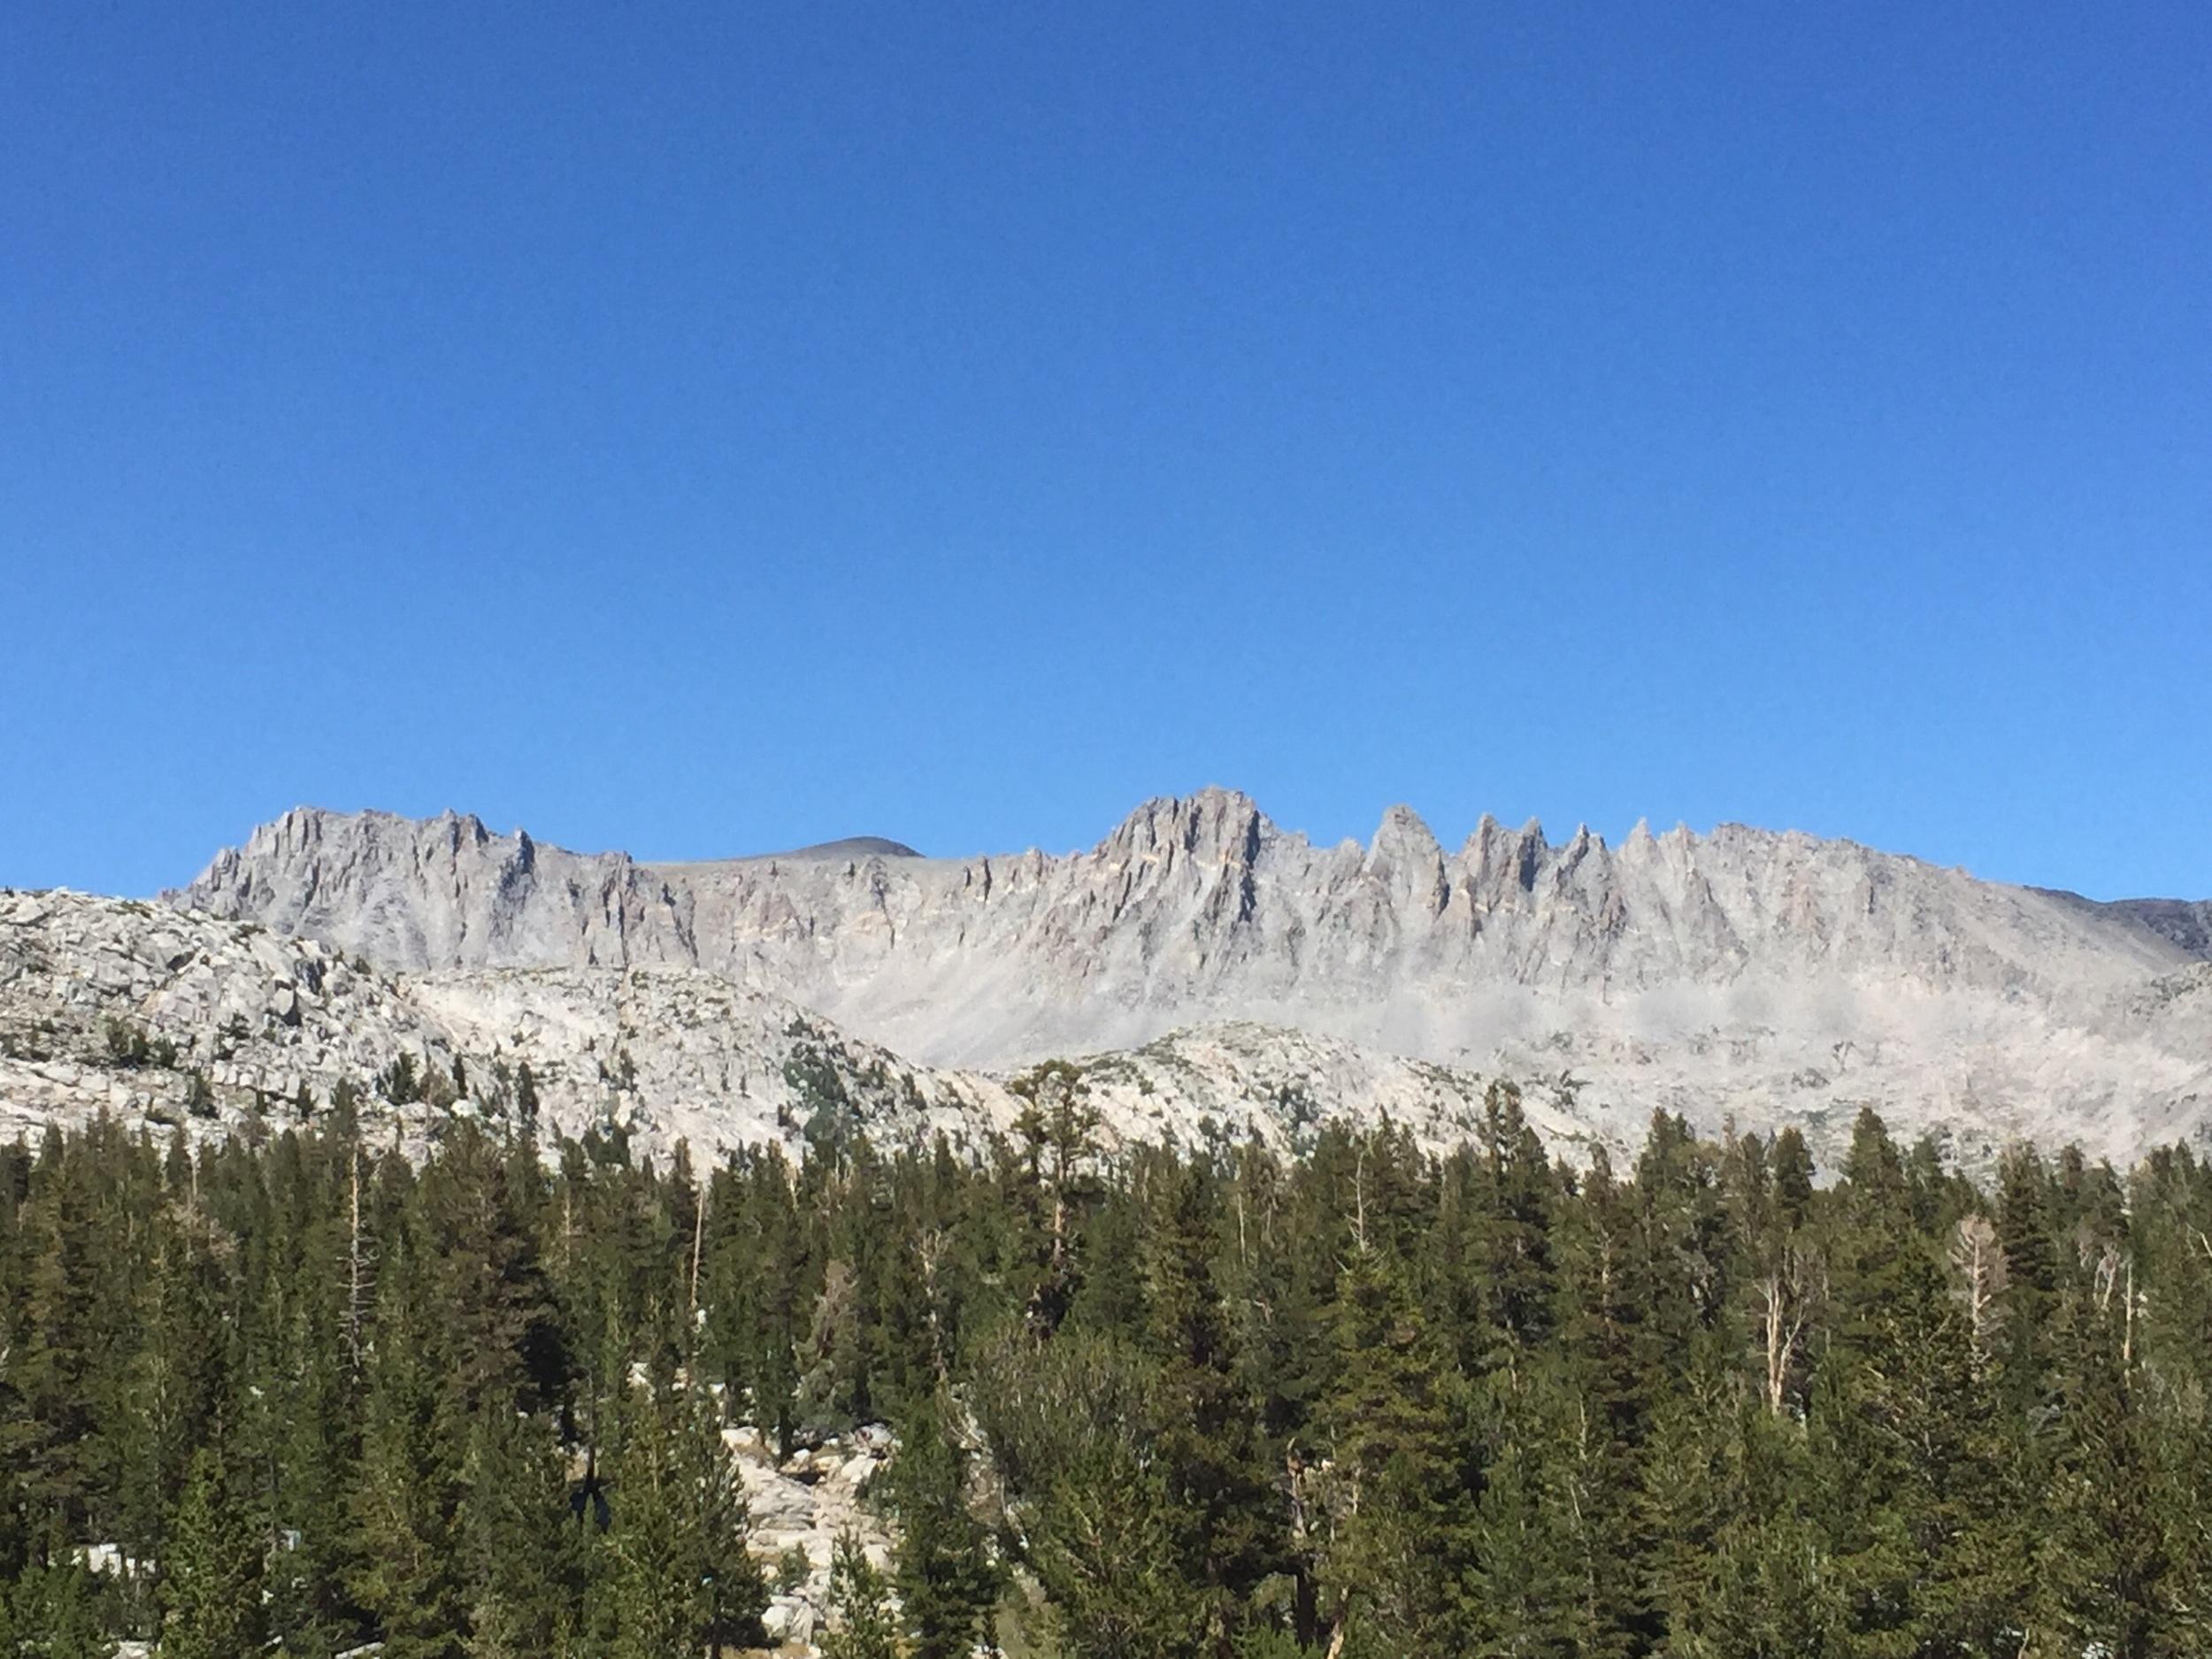 Wall of granite.